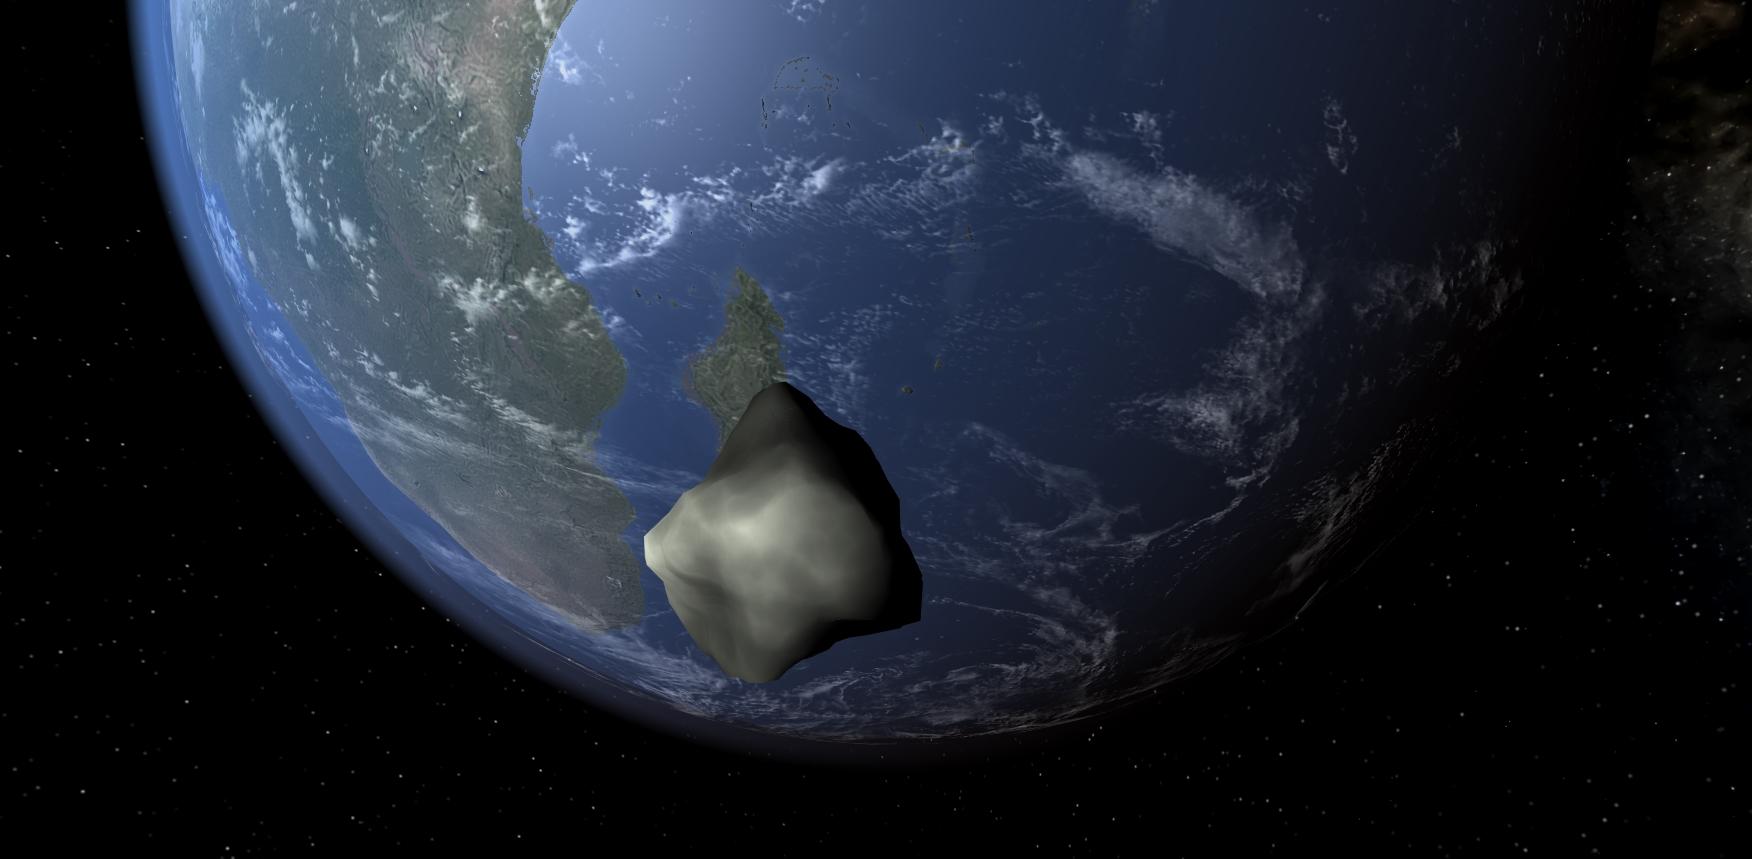 Asteroid 2018 LA